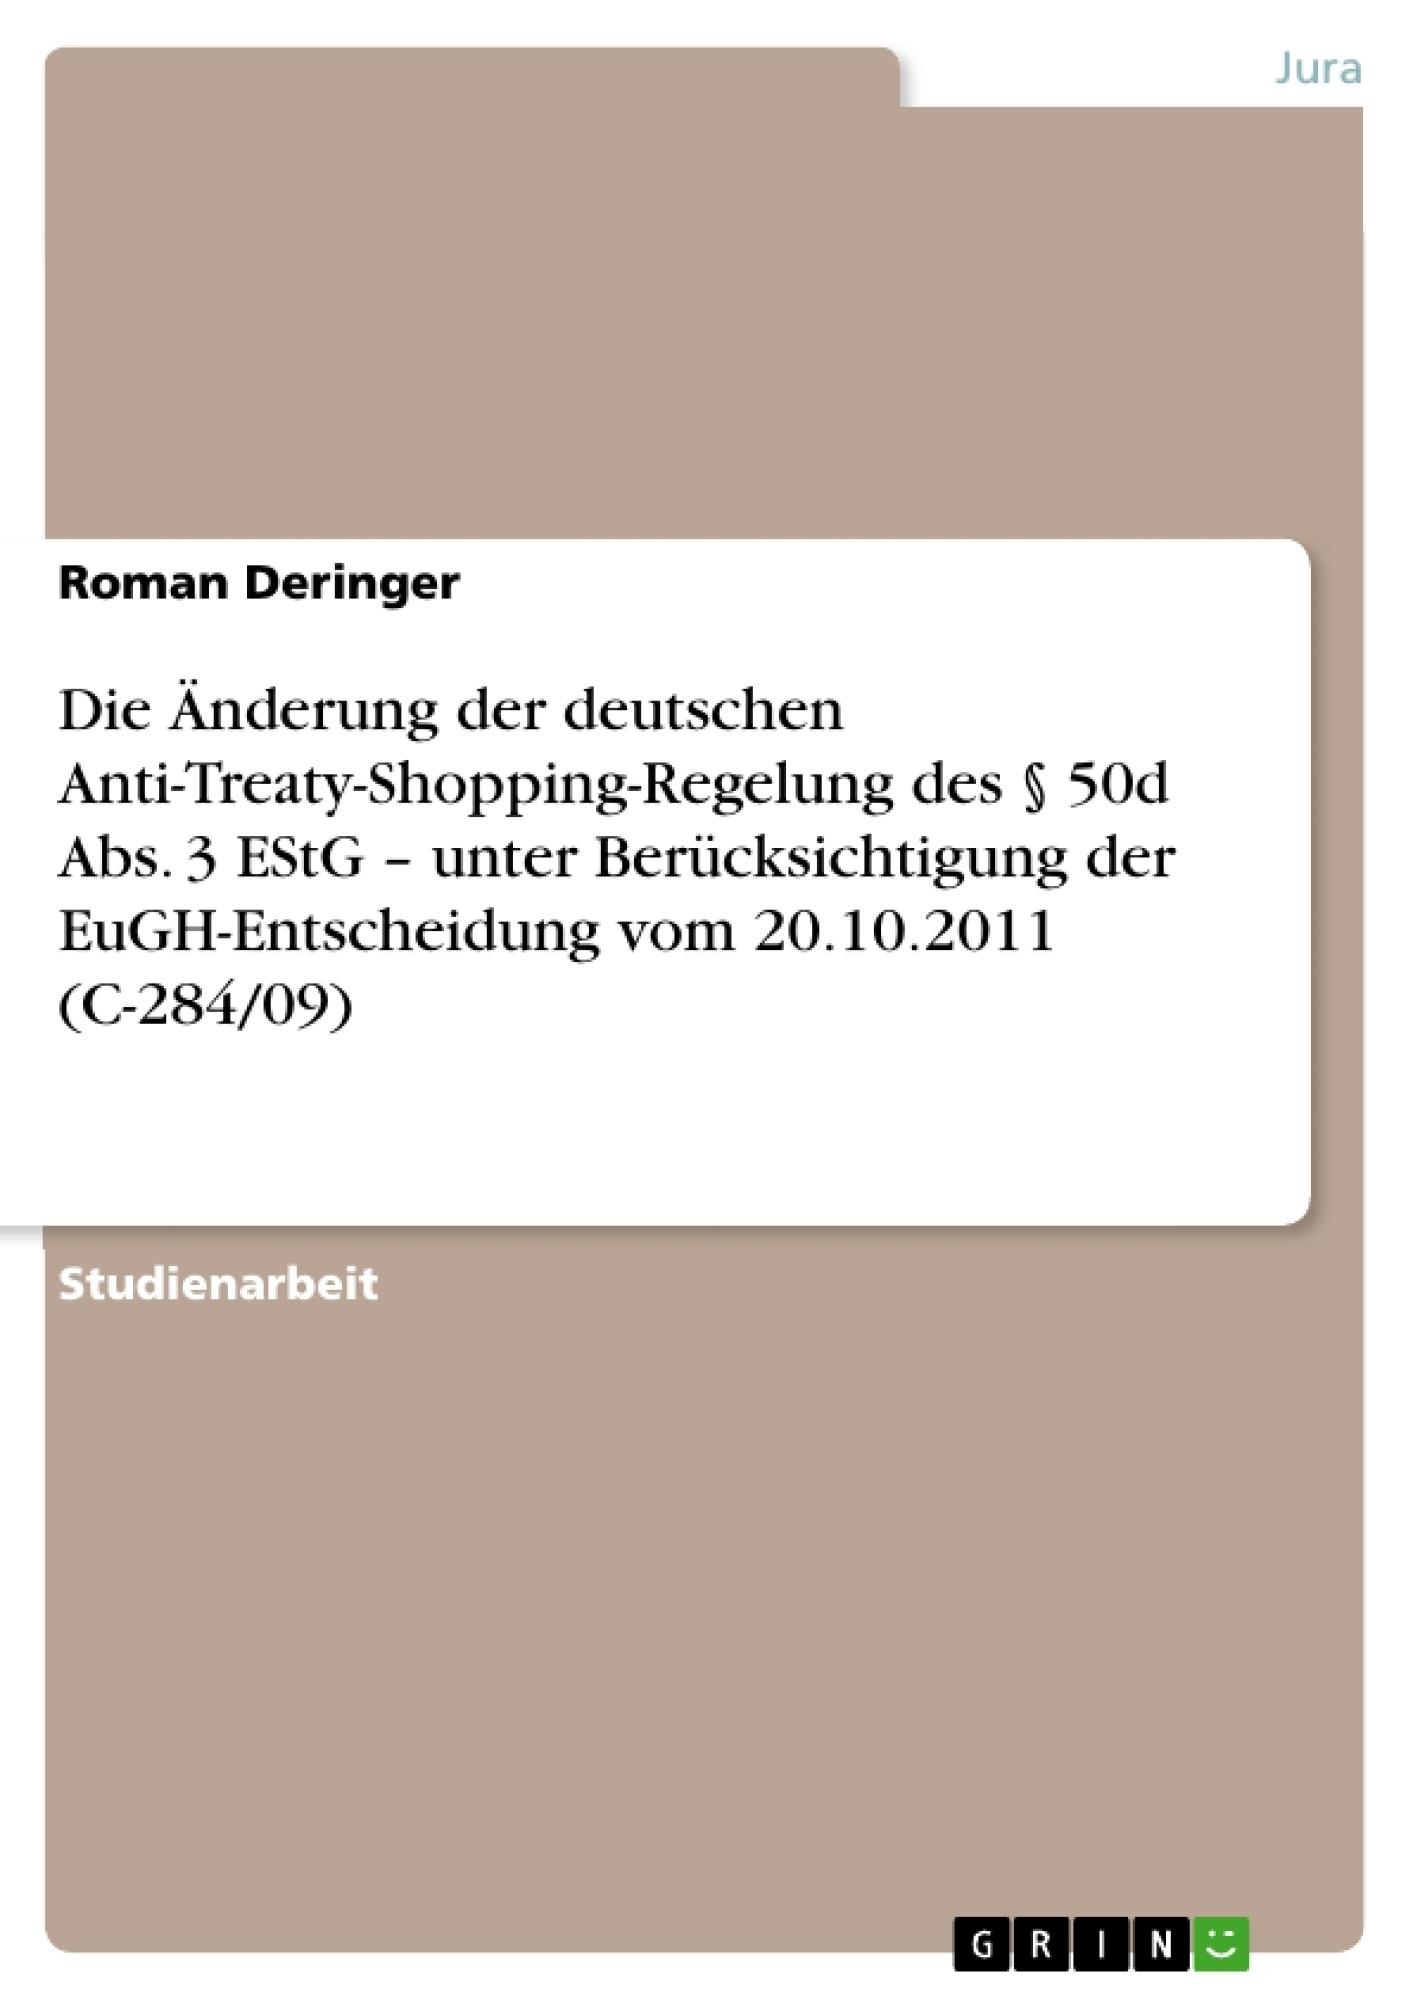 Titel: Die Änderung der deutschen Anti-Treaty-Shopping-Regelung des § 50d Abs. 3 EStG – unter Berücksichtigung der EuGH-Entscheidung vom 20.10.2011 (C-284/09)